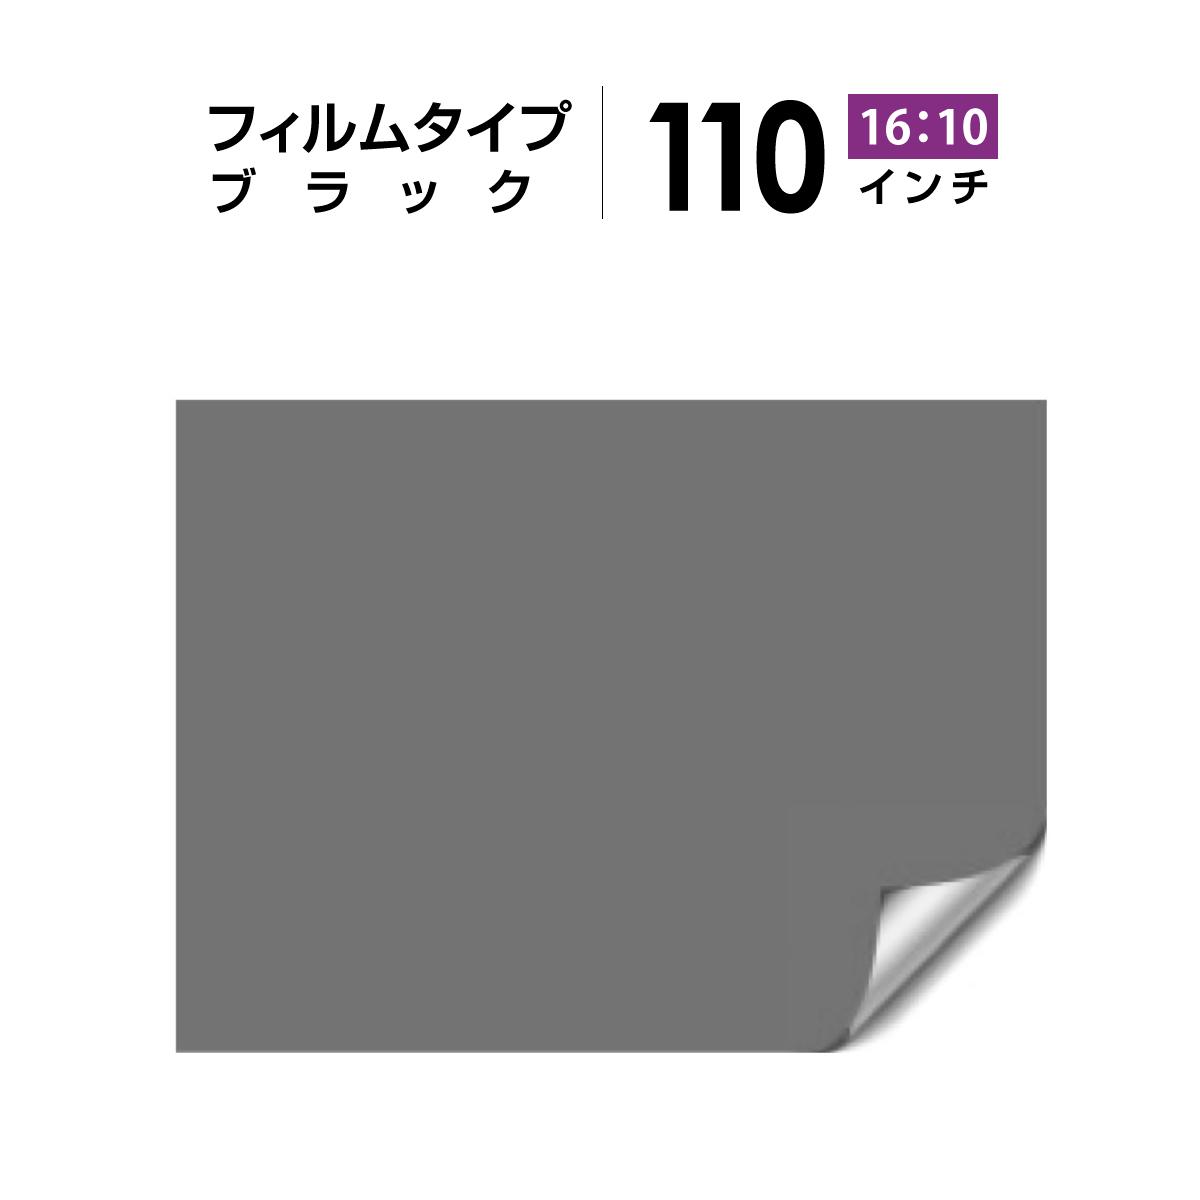 シアターハウス プロジェクタースクリーン 背面投影 110インチ フィルムタイプ (16:10) ブラック BF-2369-1481